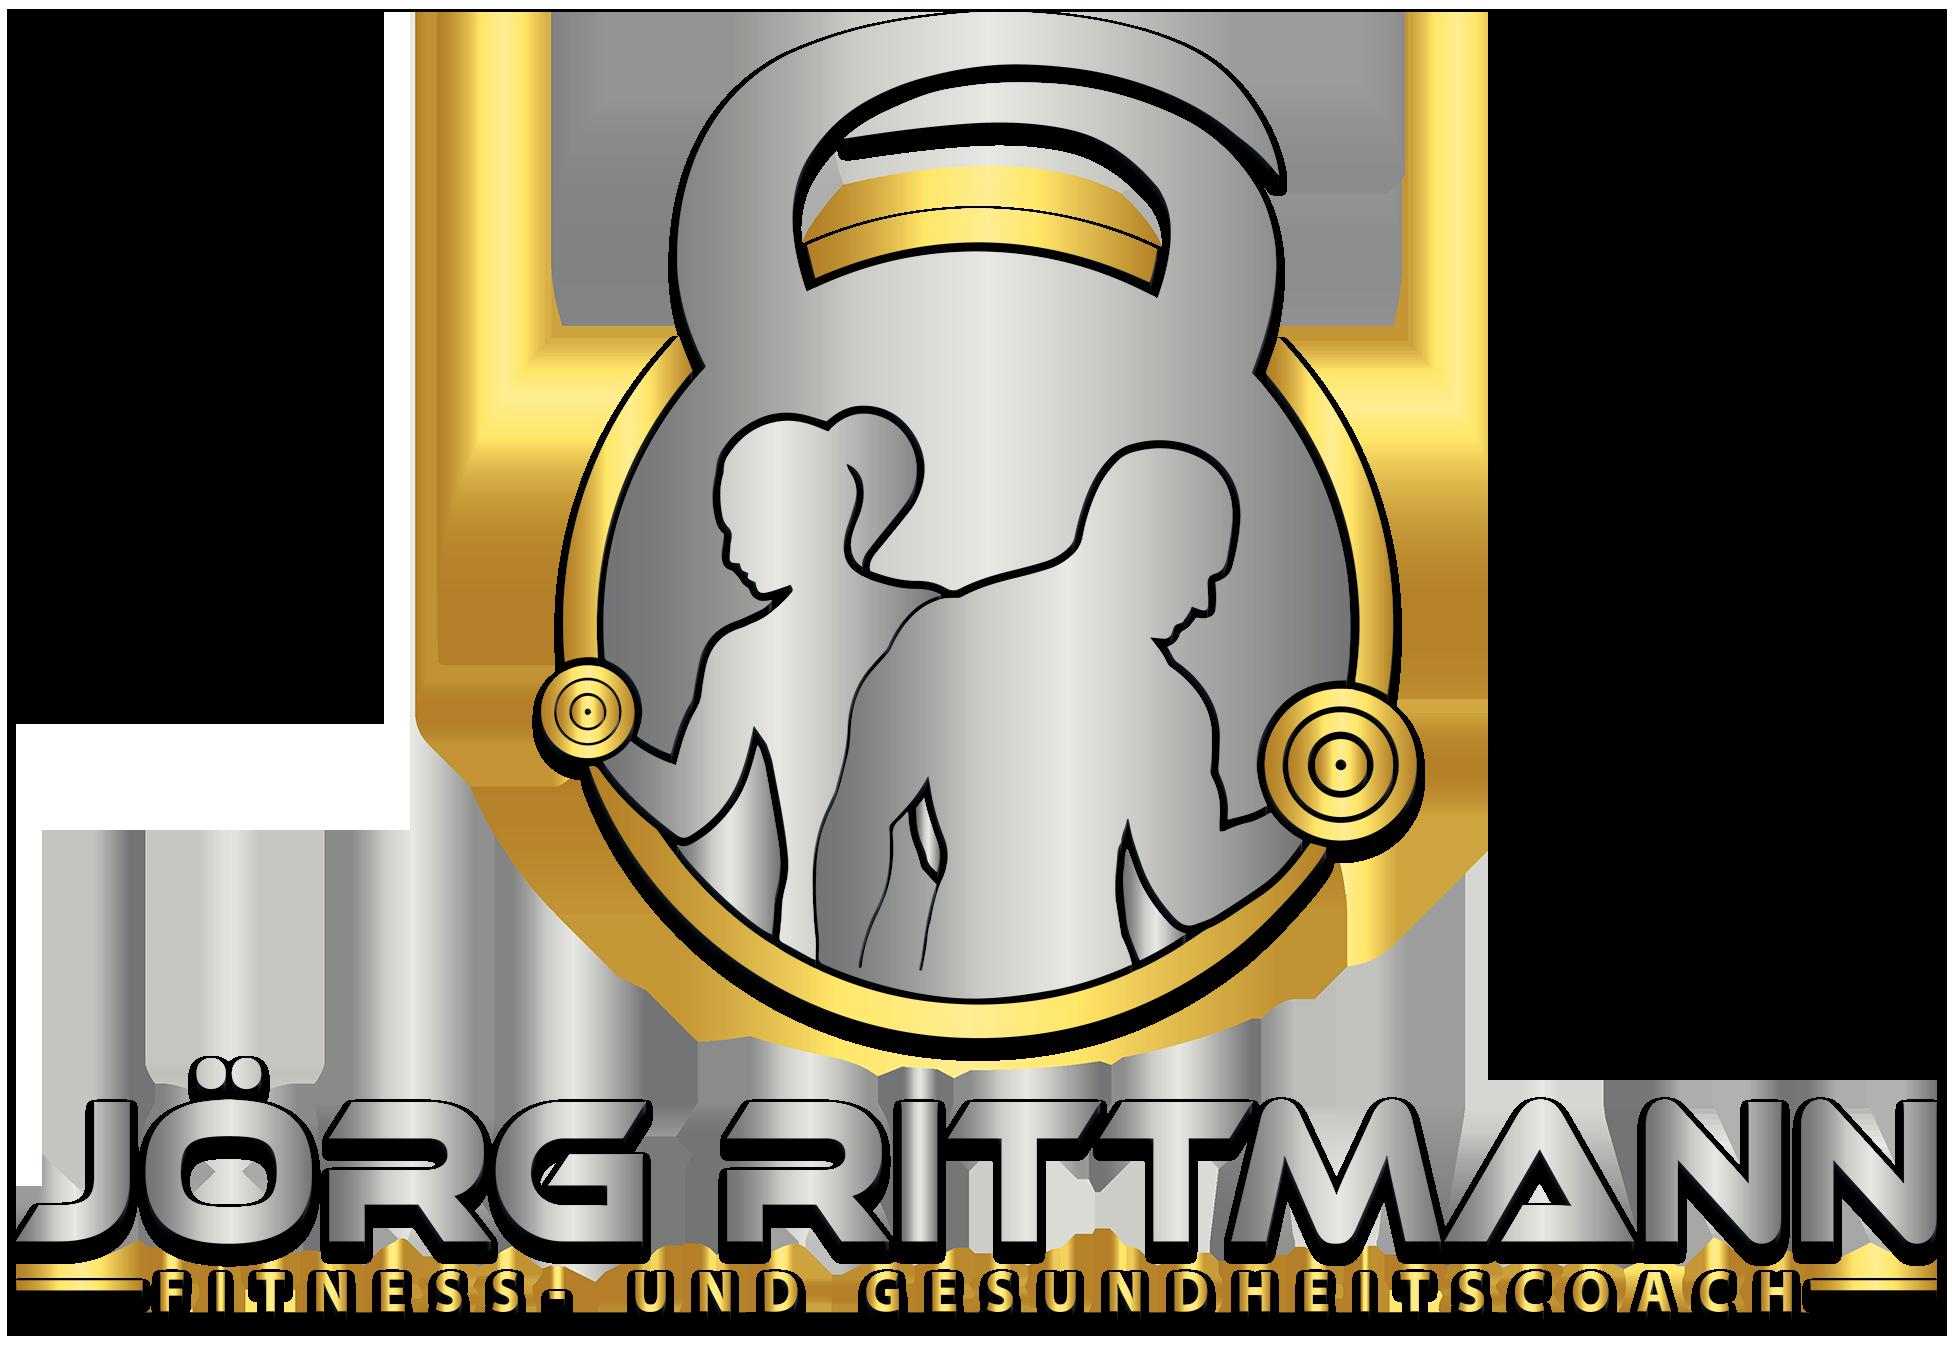 Logo Jörg Rittmann